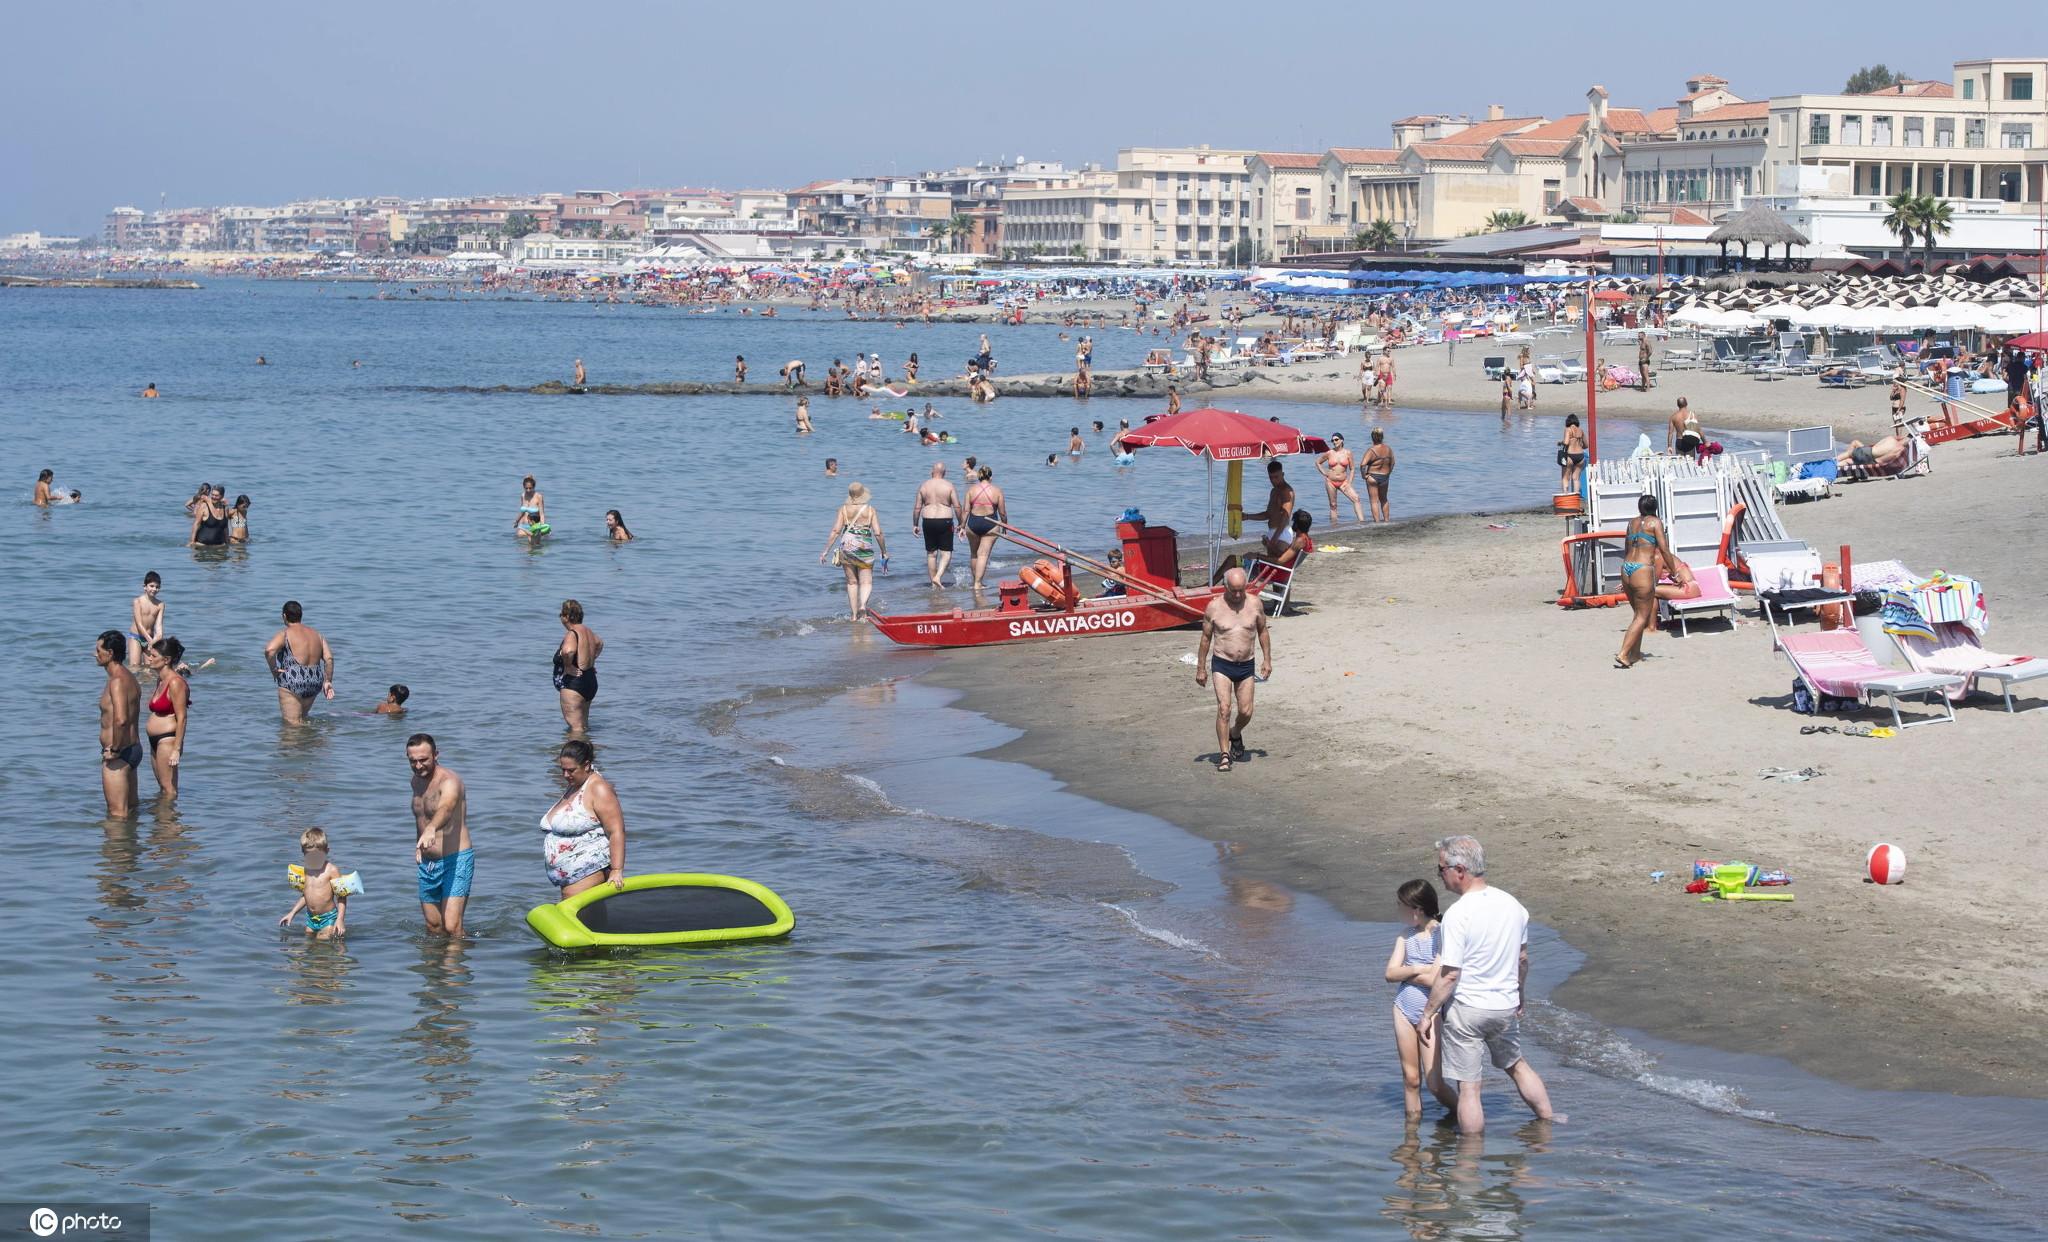 意大利罗马气温攀升民众享受清凉沙滩